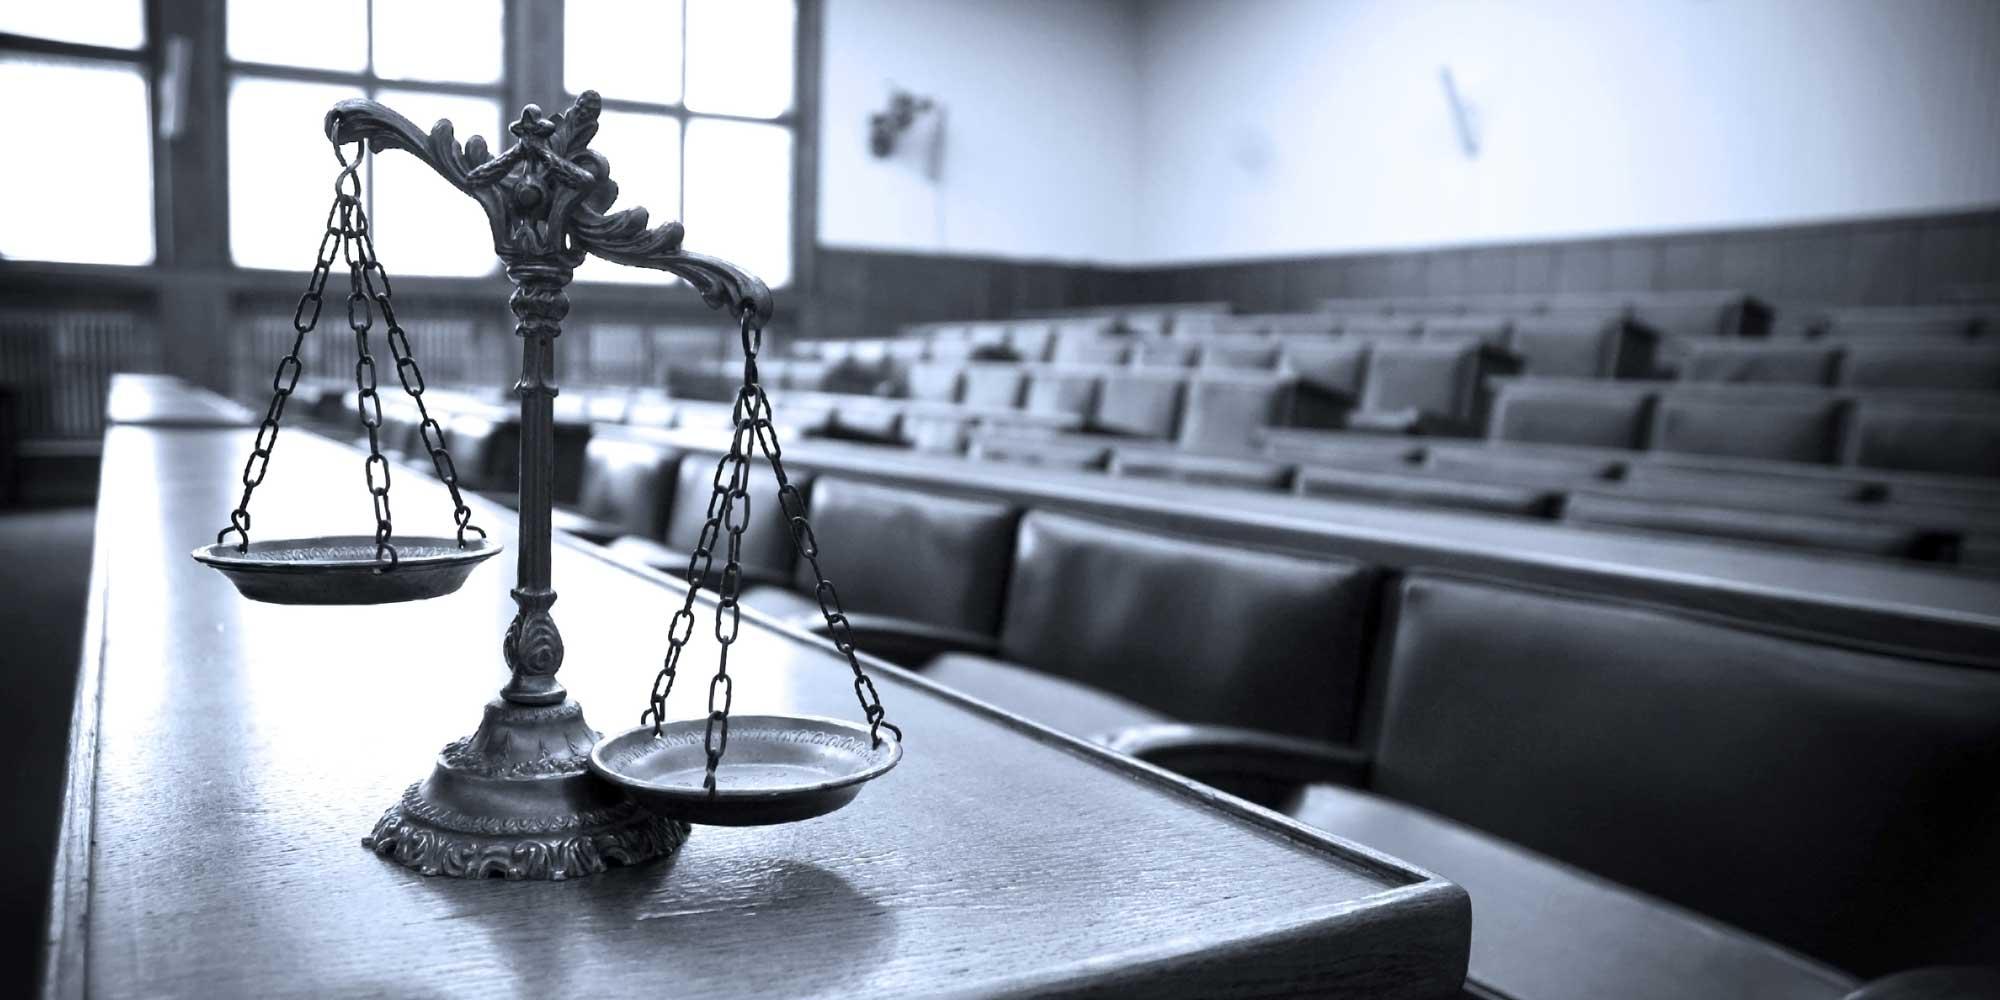 Störerhaftung: Reform erschwert Abmahnungen